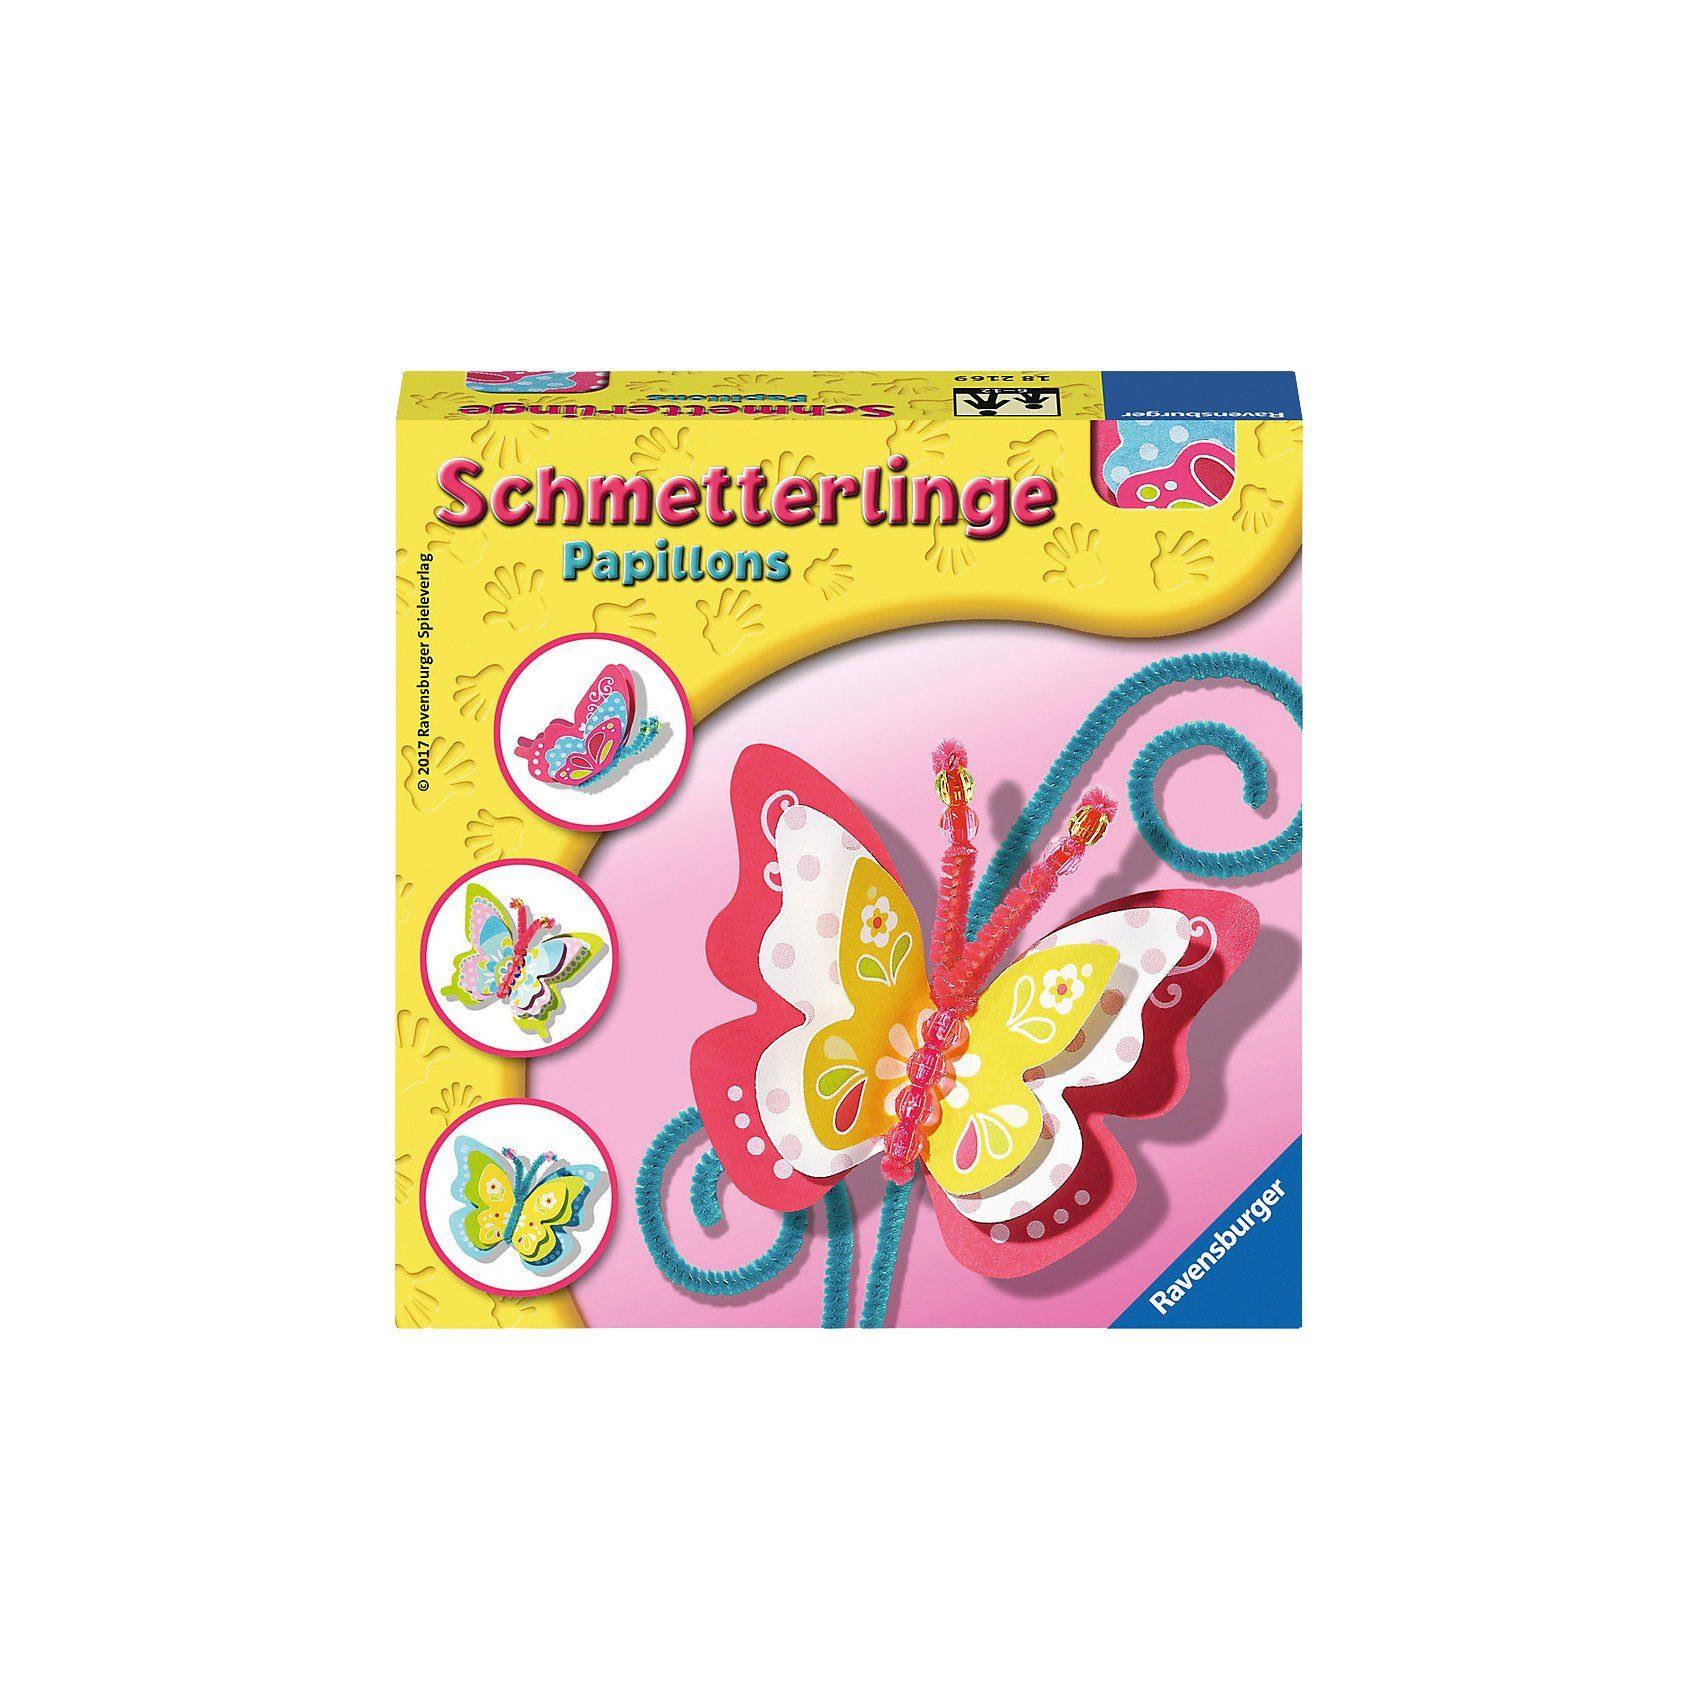 Ravensburger Papier-Schmetterlinge